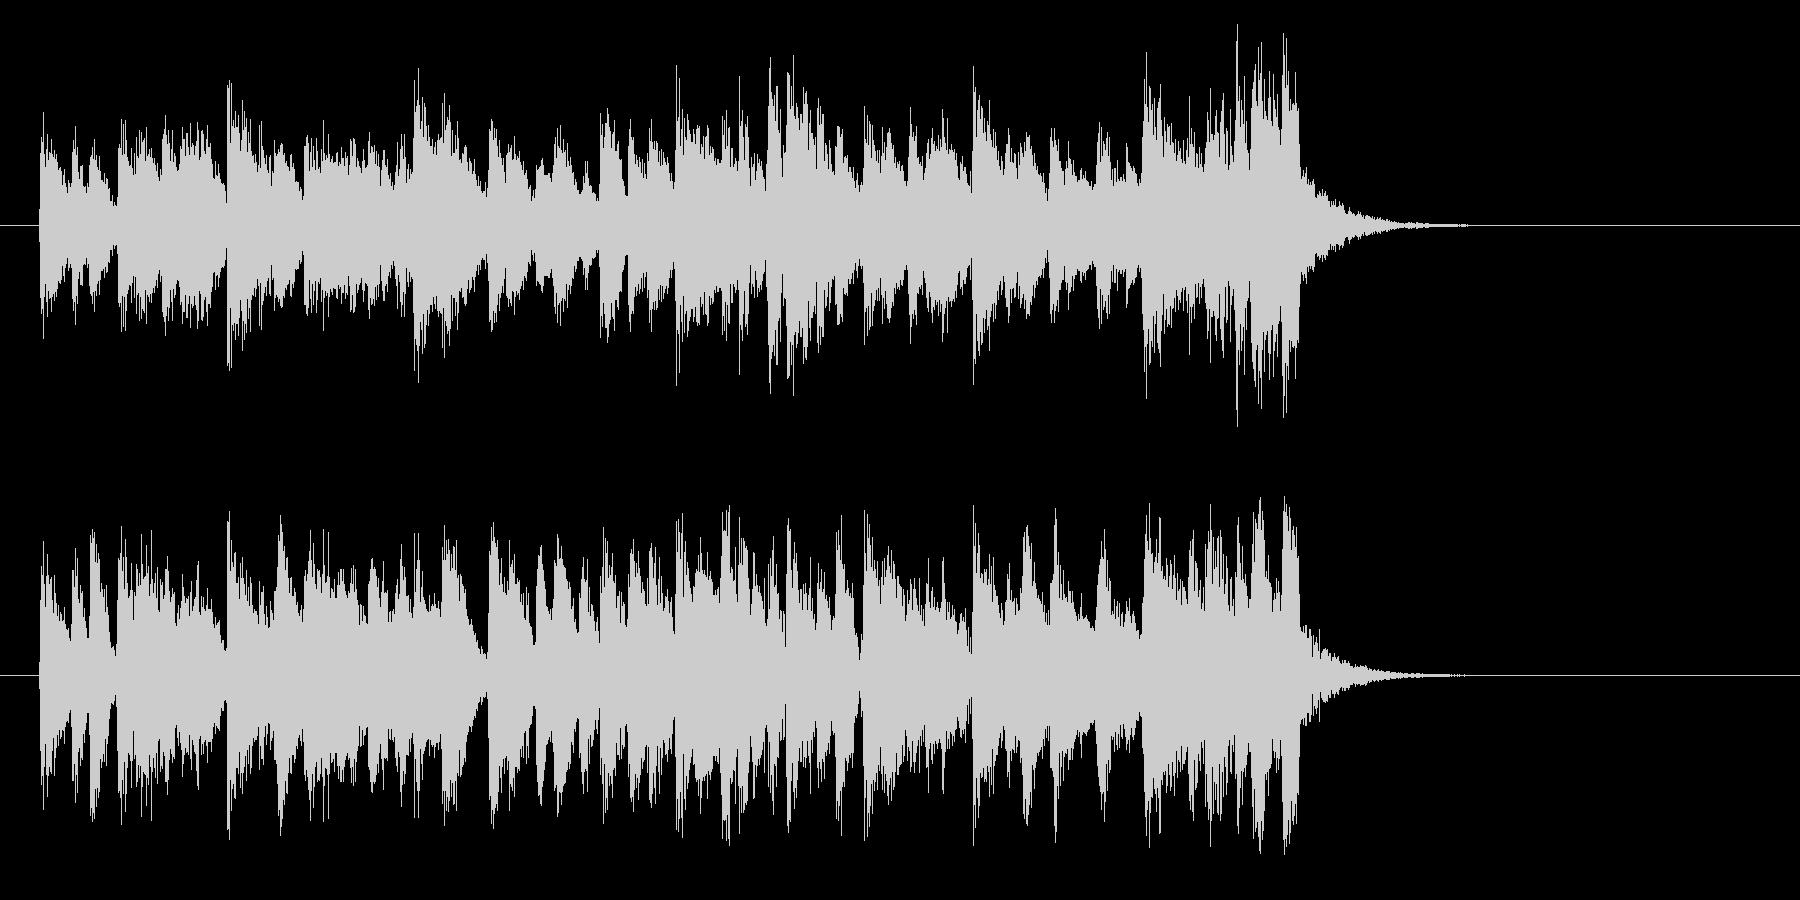 懐かしさに浸るジャズ(イントロ)の未再生の波形